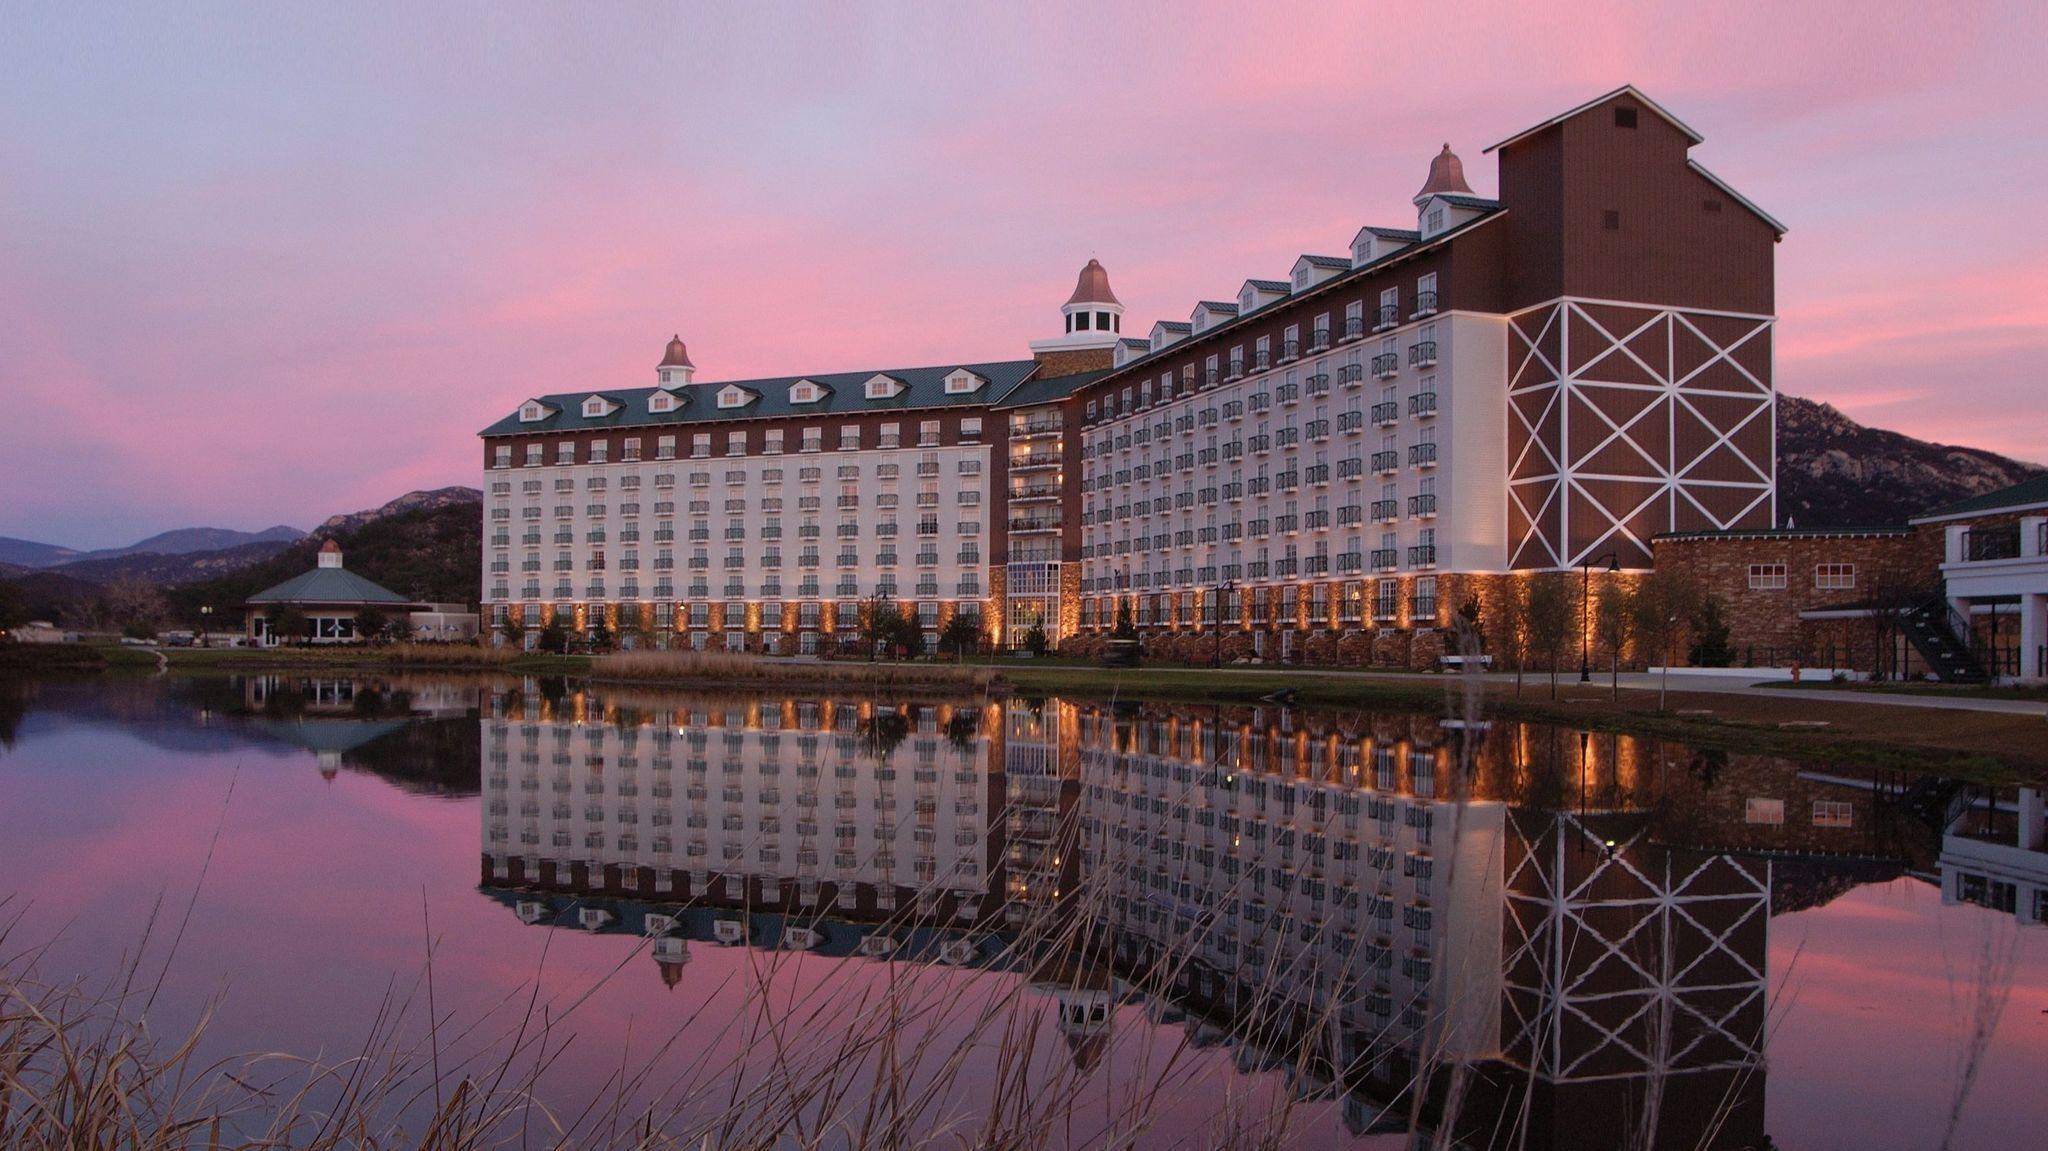 Barona resort and casino